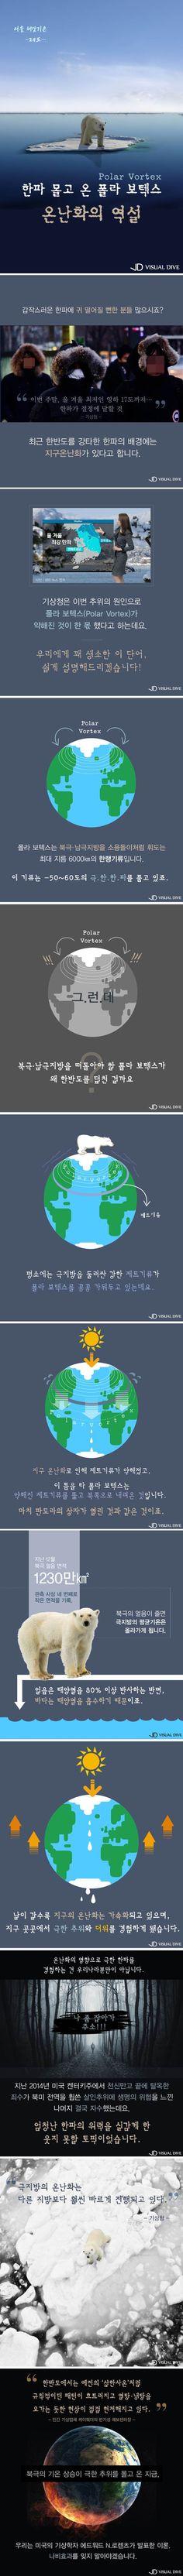 한반도 극한 한파 몰고 온 '폴라보텍스' 무엇? [인포그래픽] #Polar_Vortex / #infograhpic ⓒ 비주얼다이브 무단 복사·전재·재배포 금지